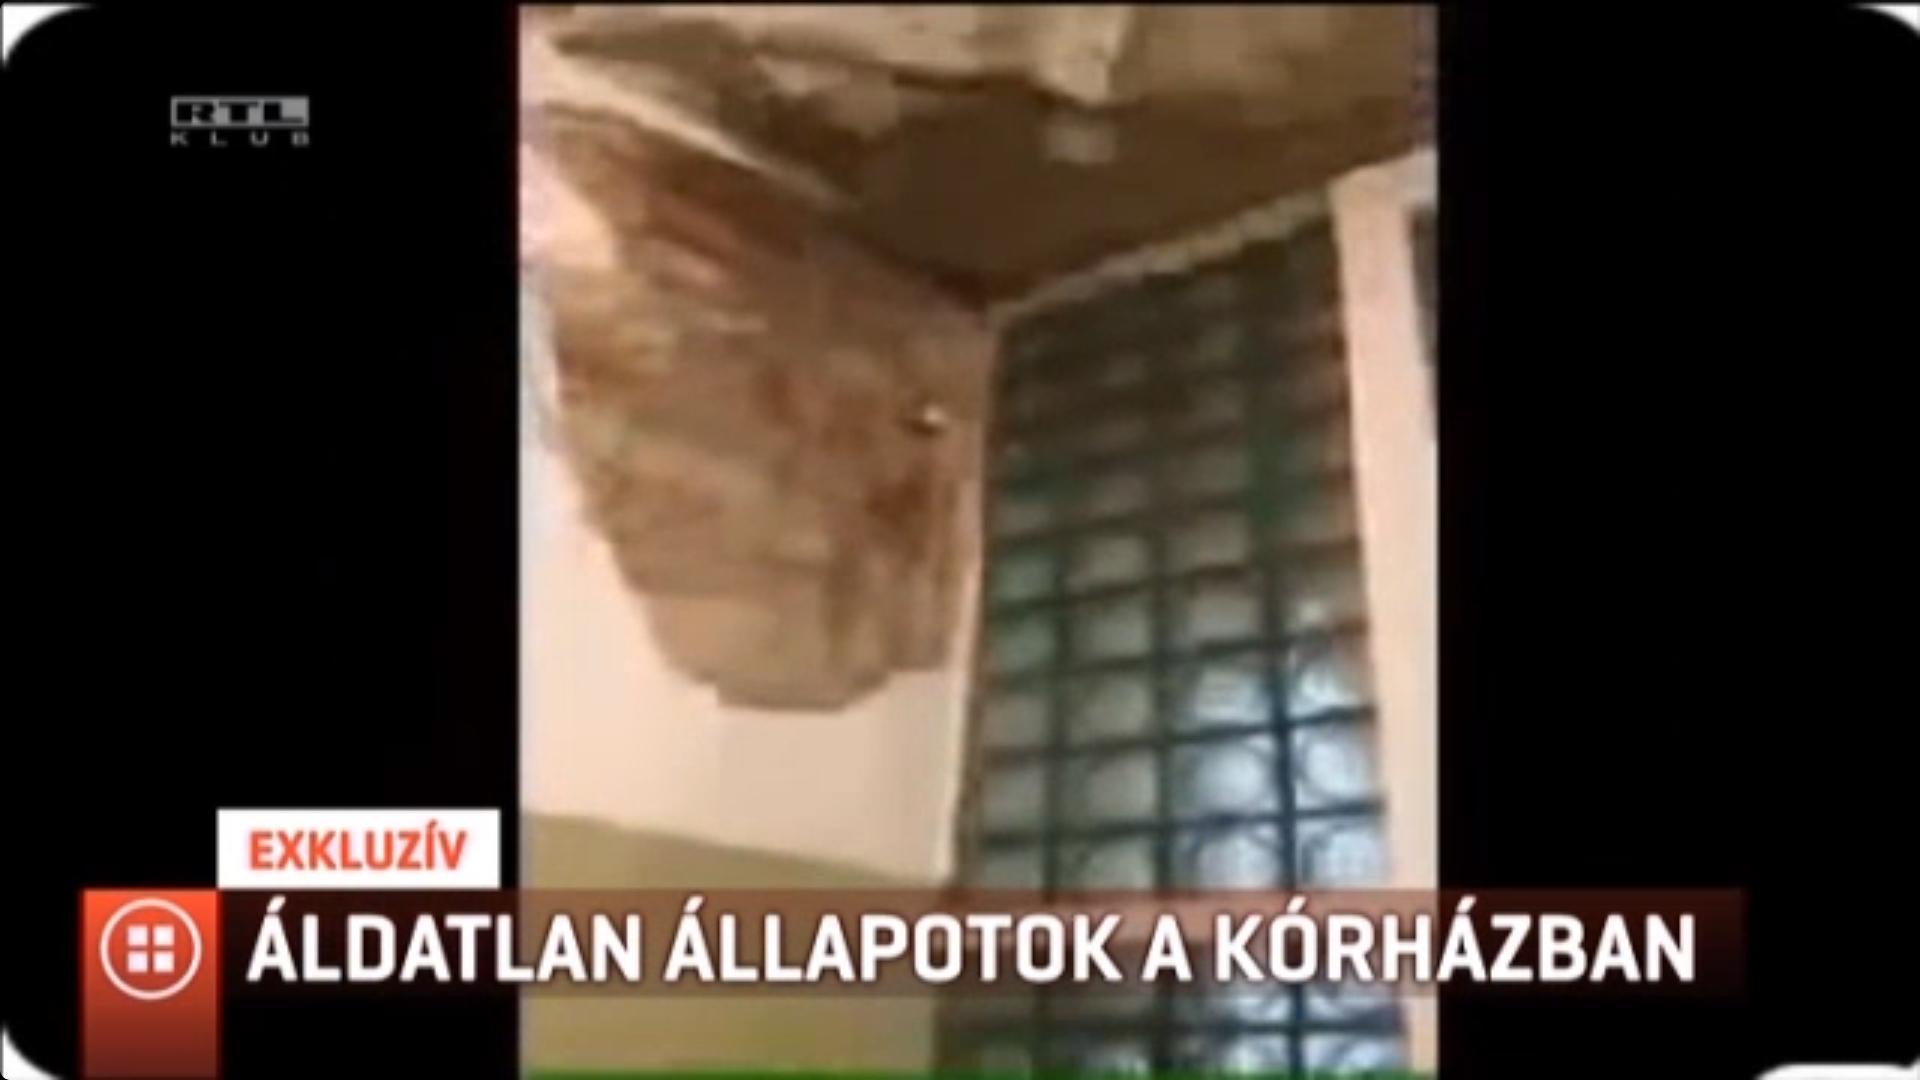 Beázott a műtő a Szent János Kórházban, a mennyezetről csepeg a víz